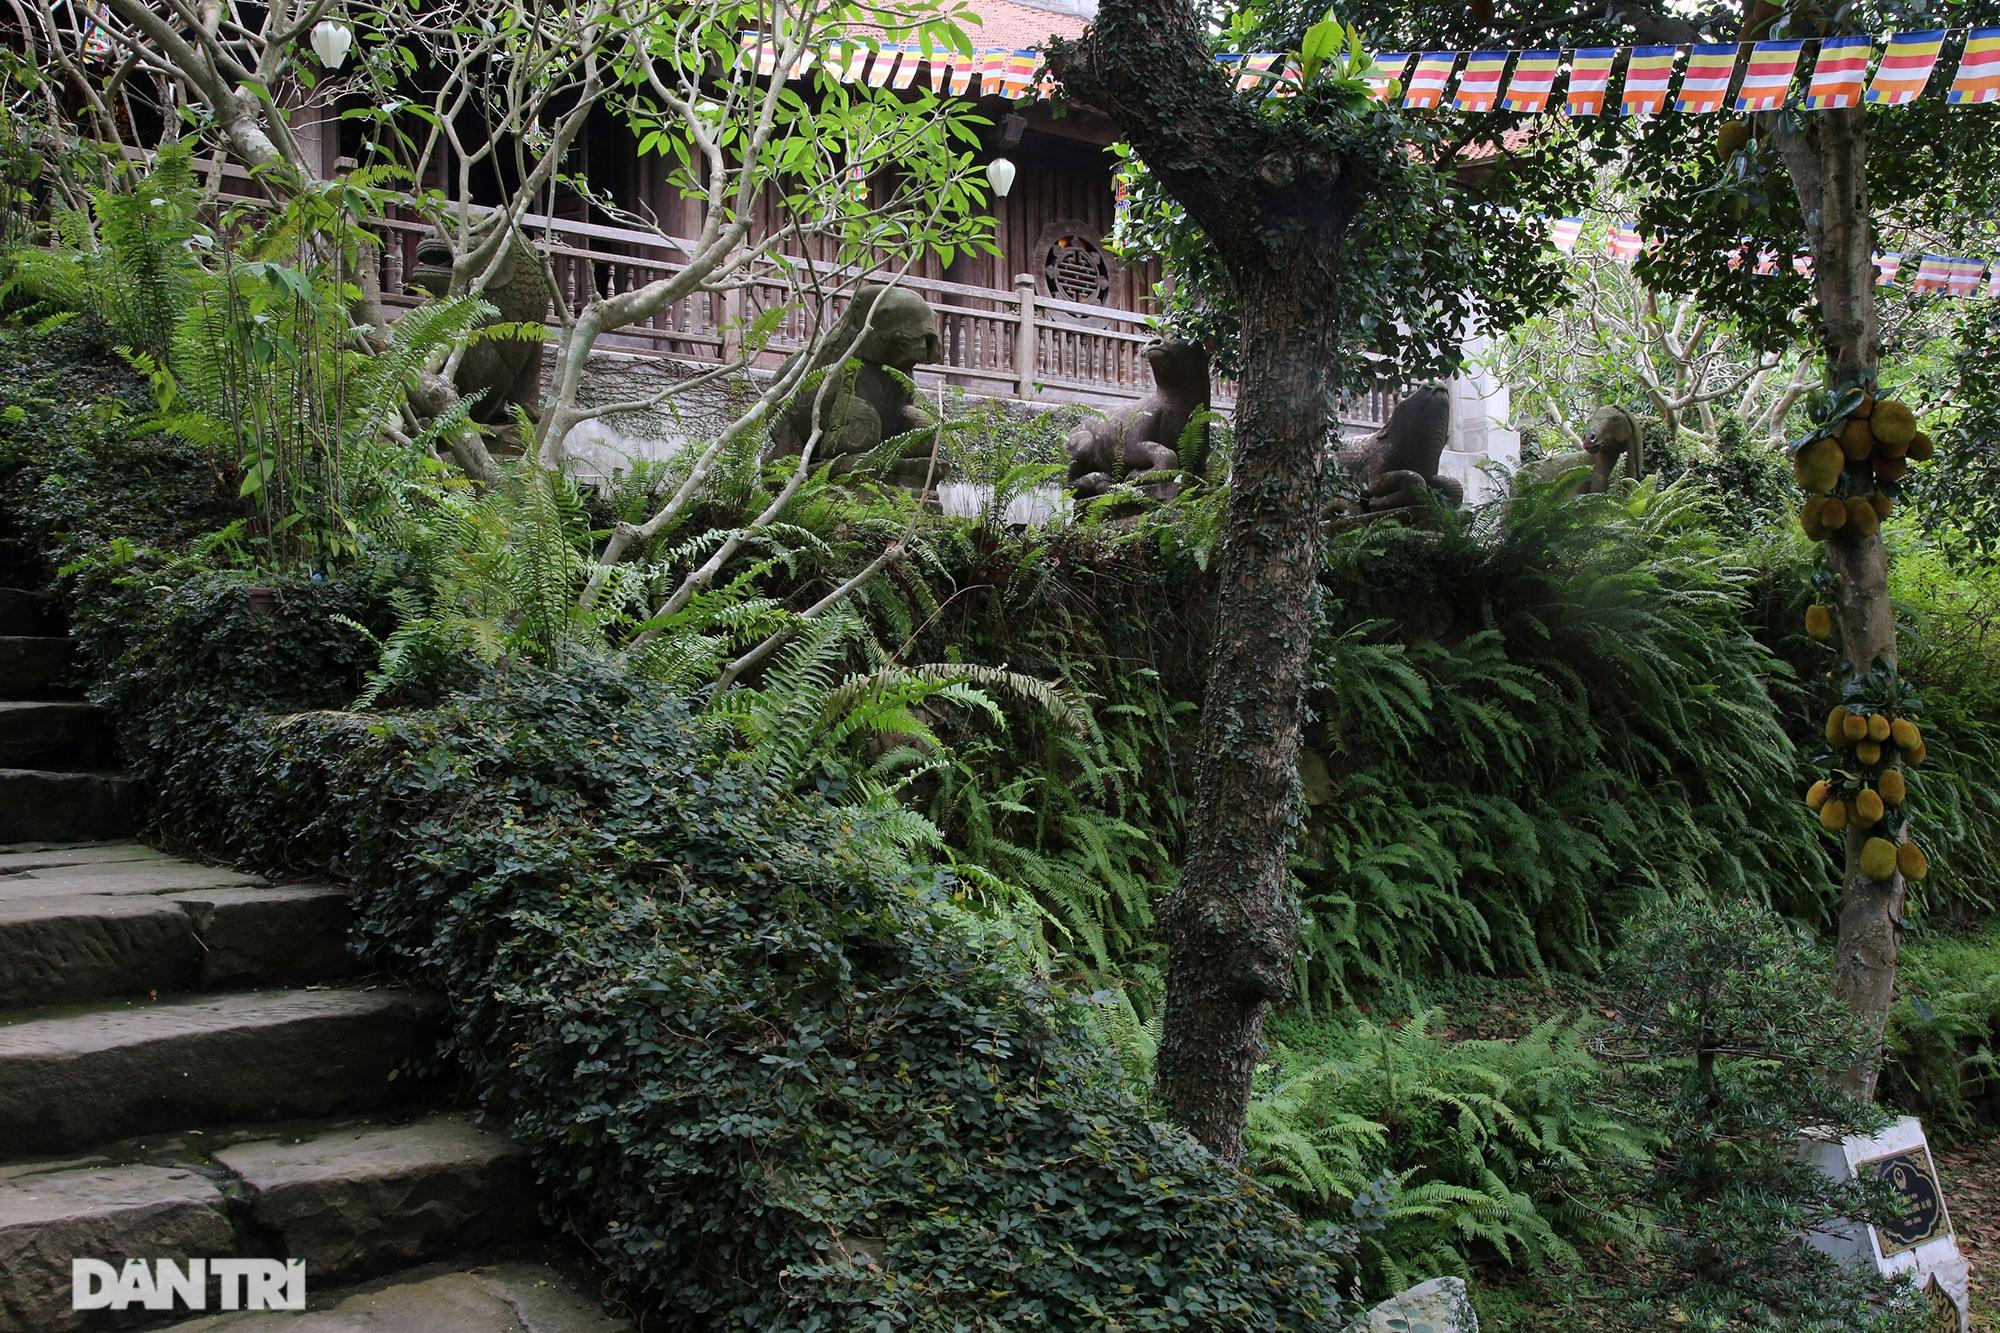 Kỳ lạ 10 linh thú đá nghìn năm tuổi canh gác chùa Phật Tích - 15